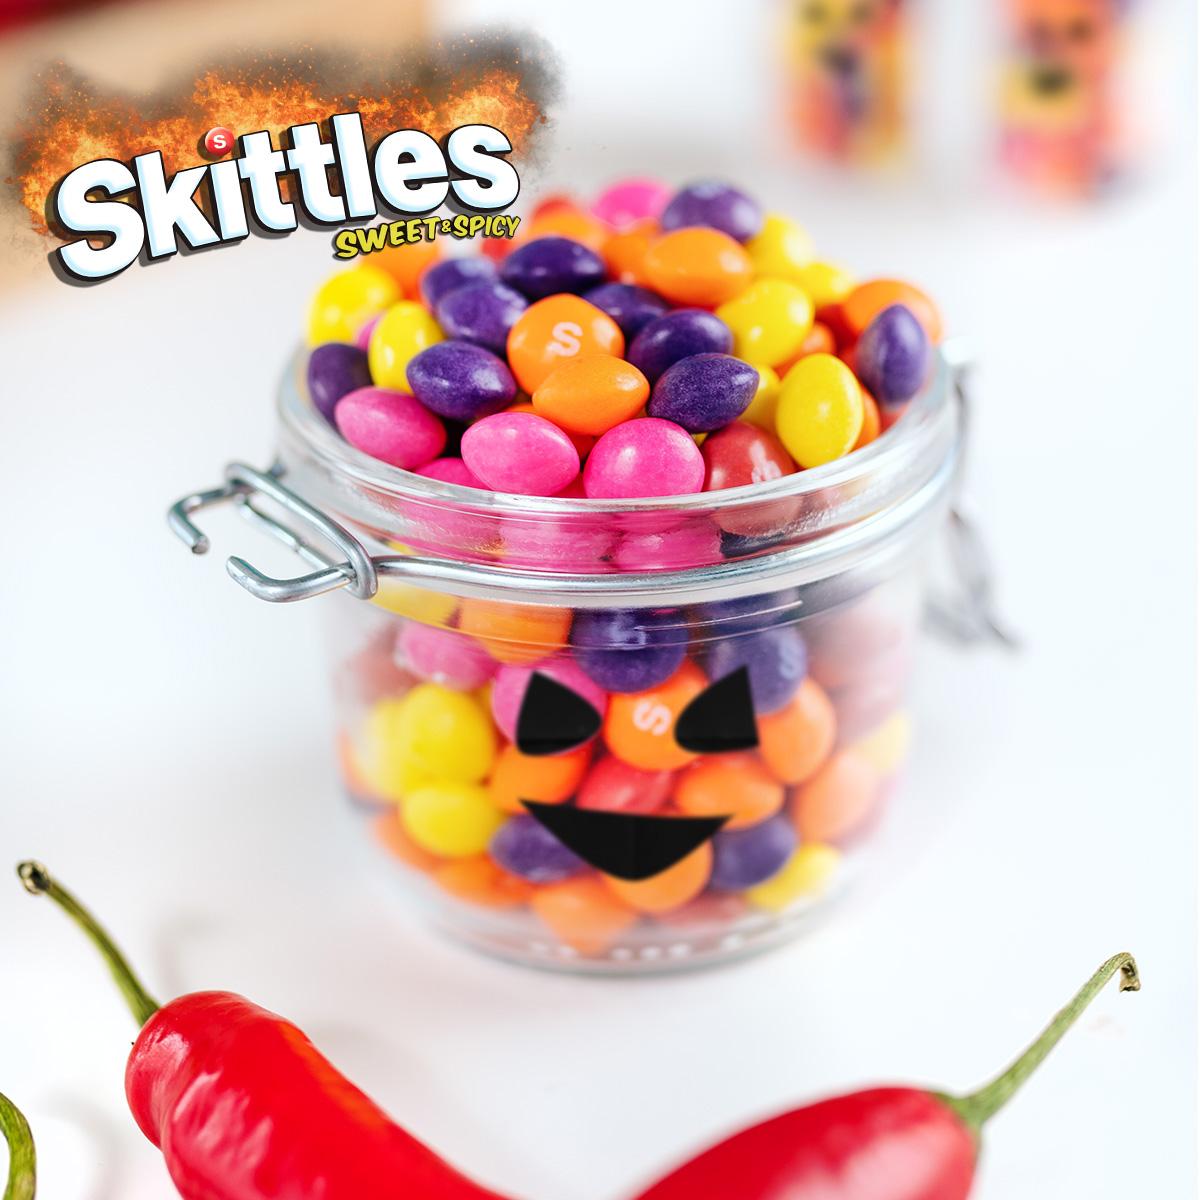 Skittles Sweet & Spicy: nu i lösvikten!